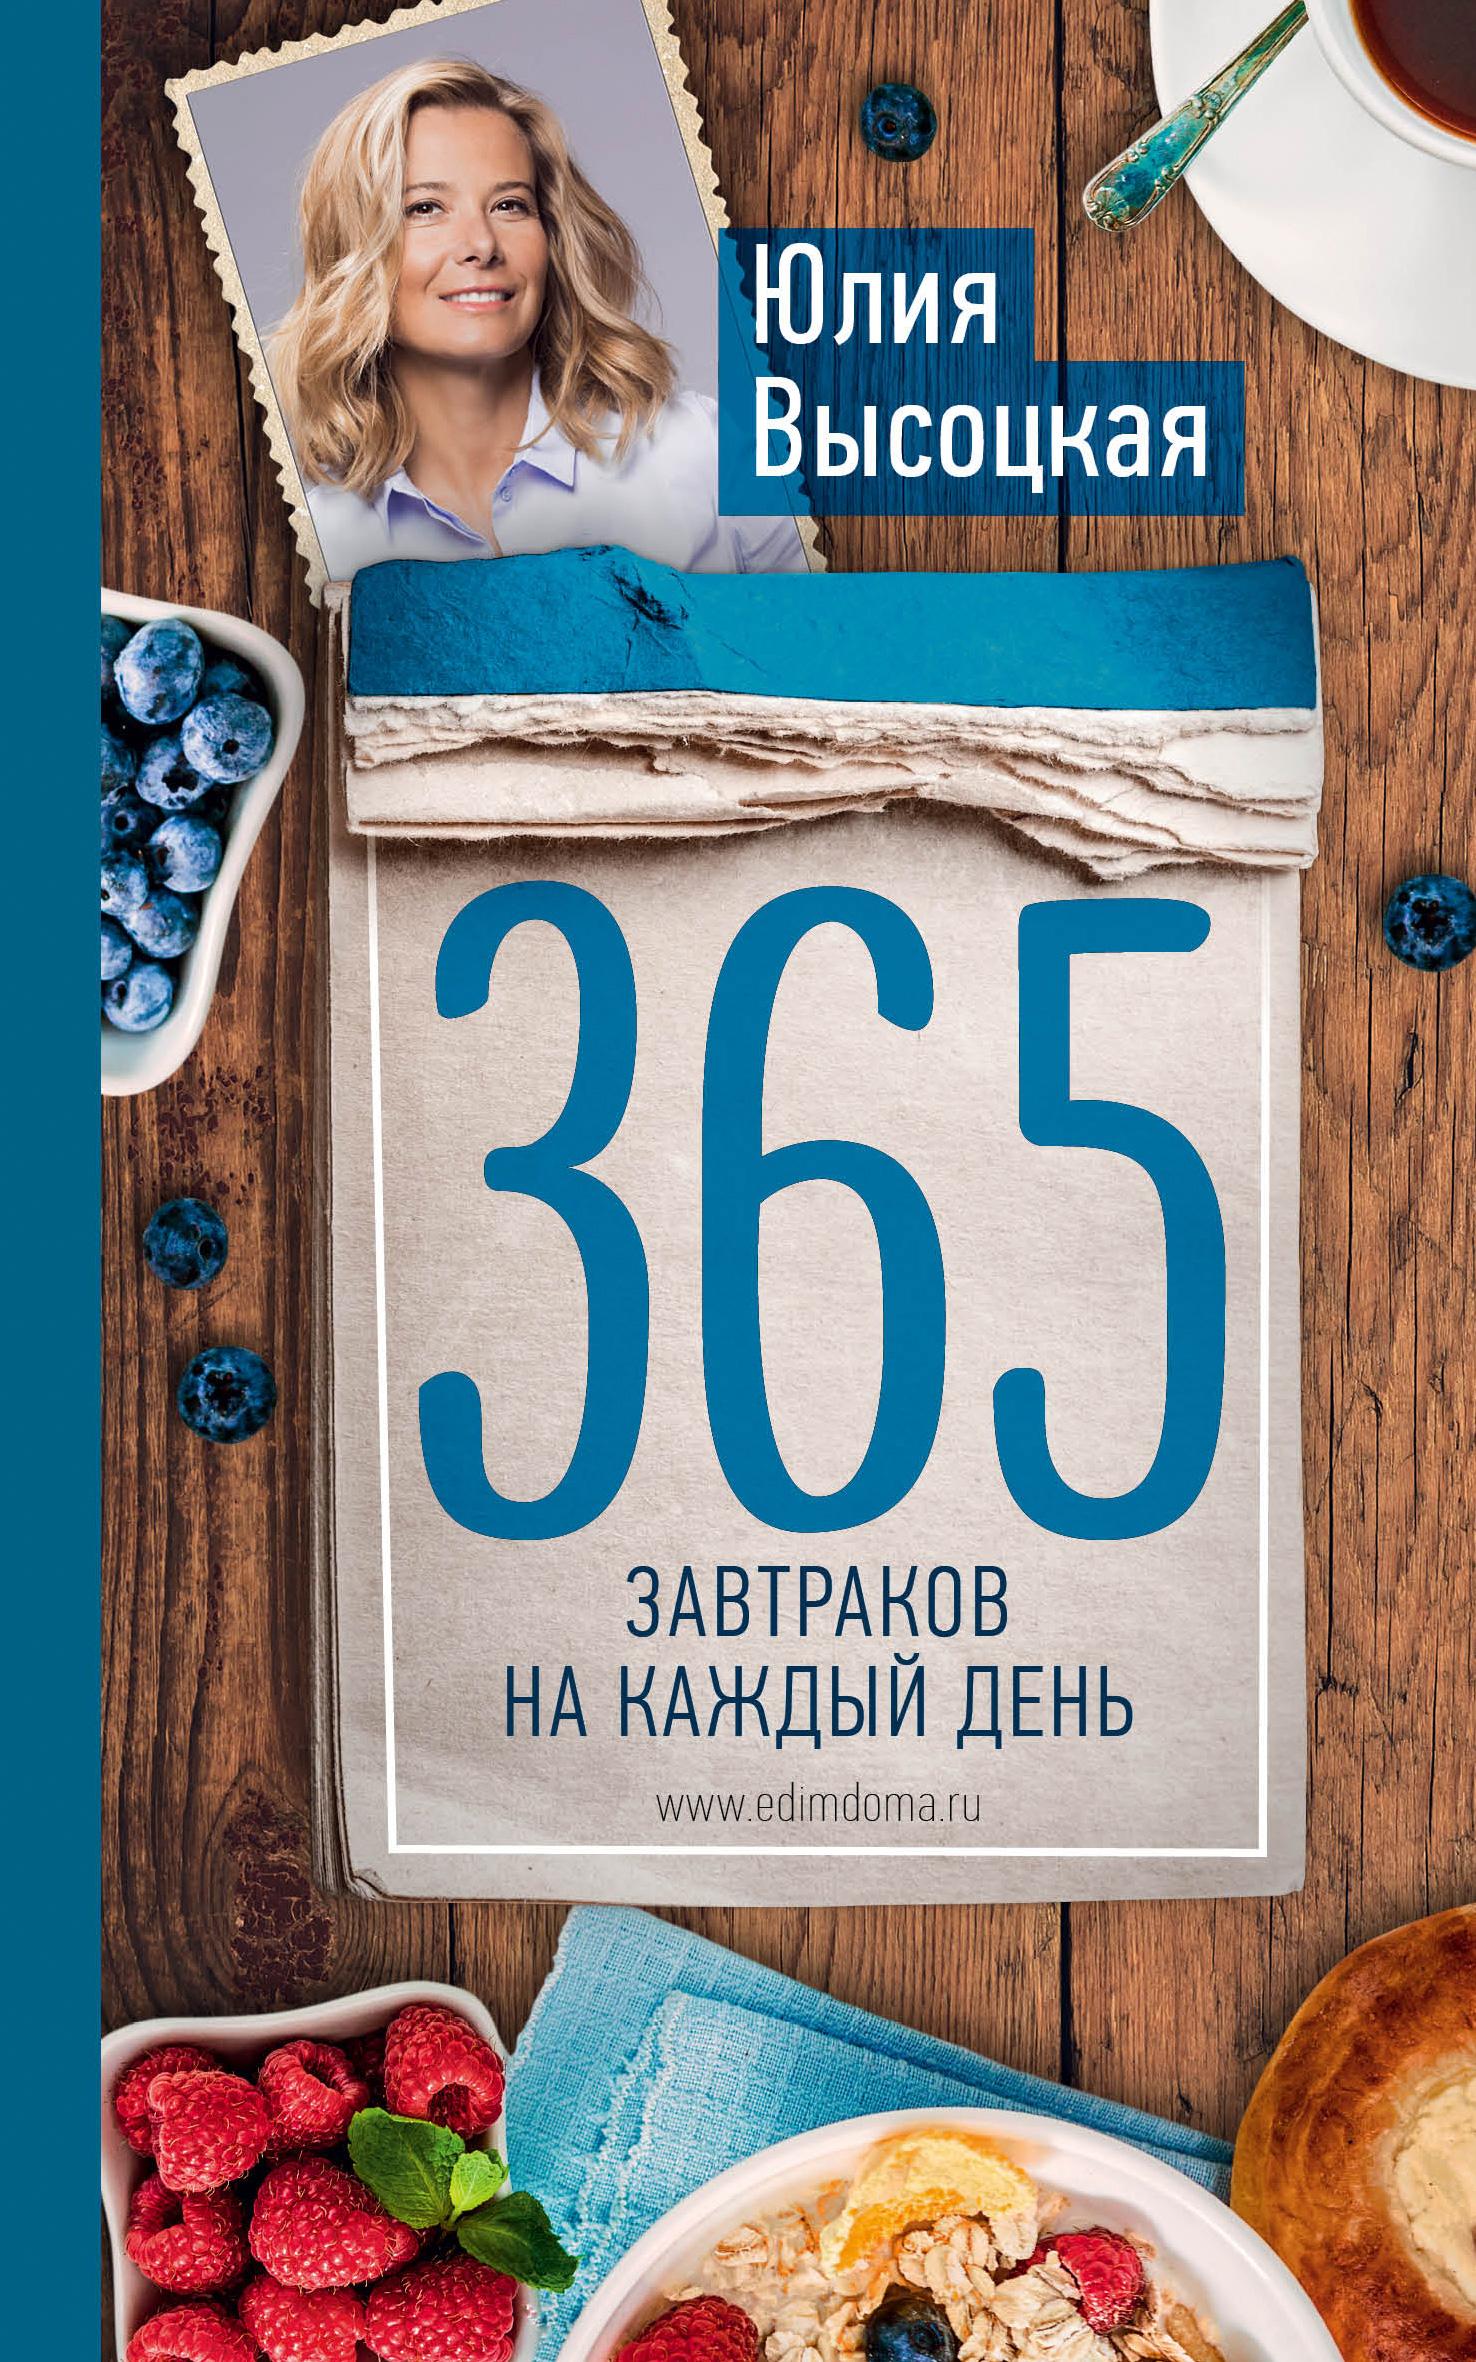 Юлия Высоцкая 365 завтраков на каждый день высоцкая юлия александровна воскресные завтраки